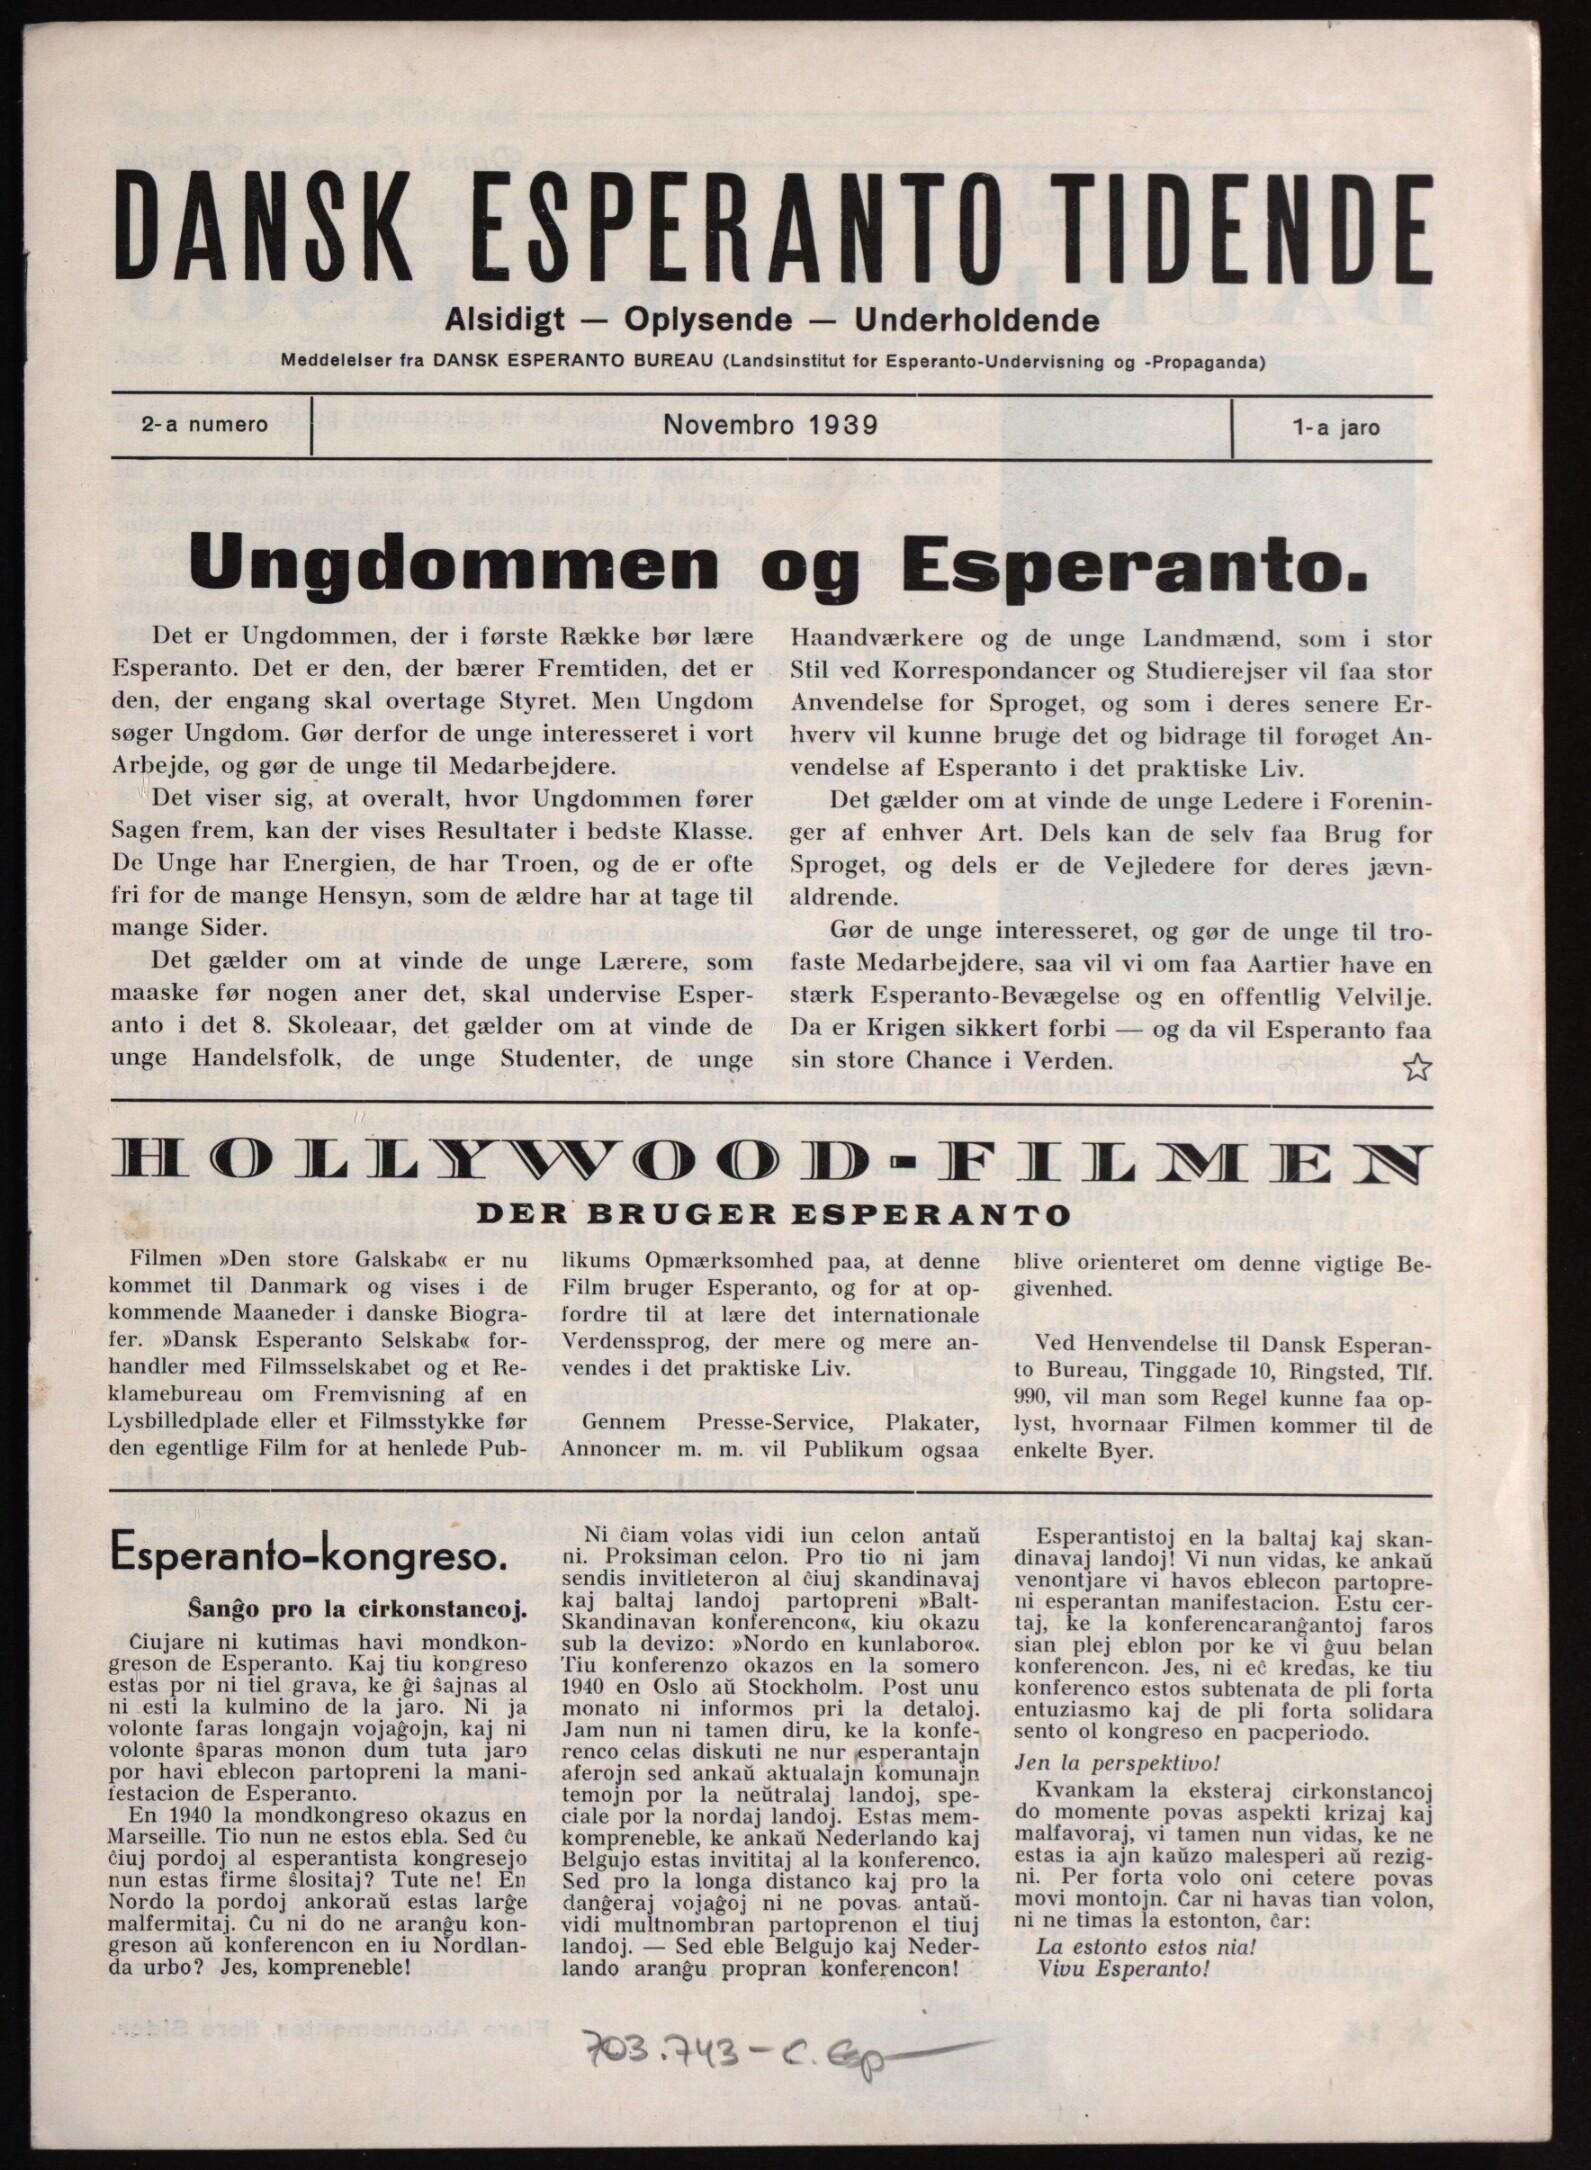 Dansk Esperanto-tidende